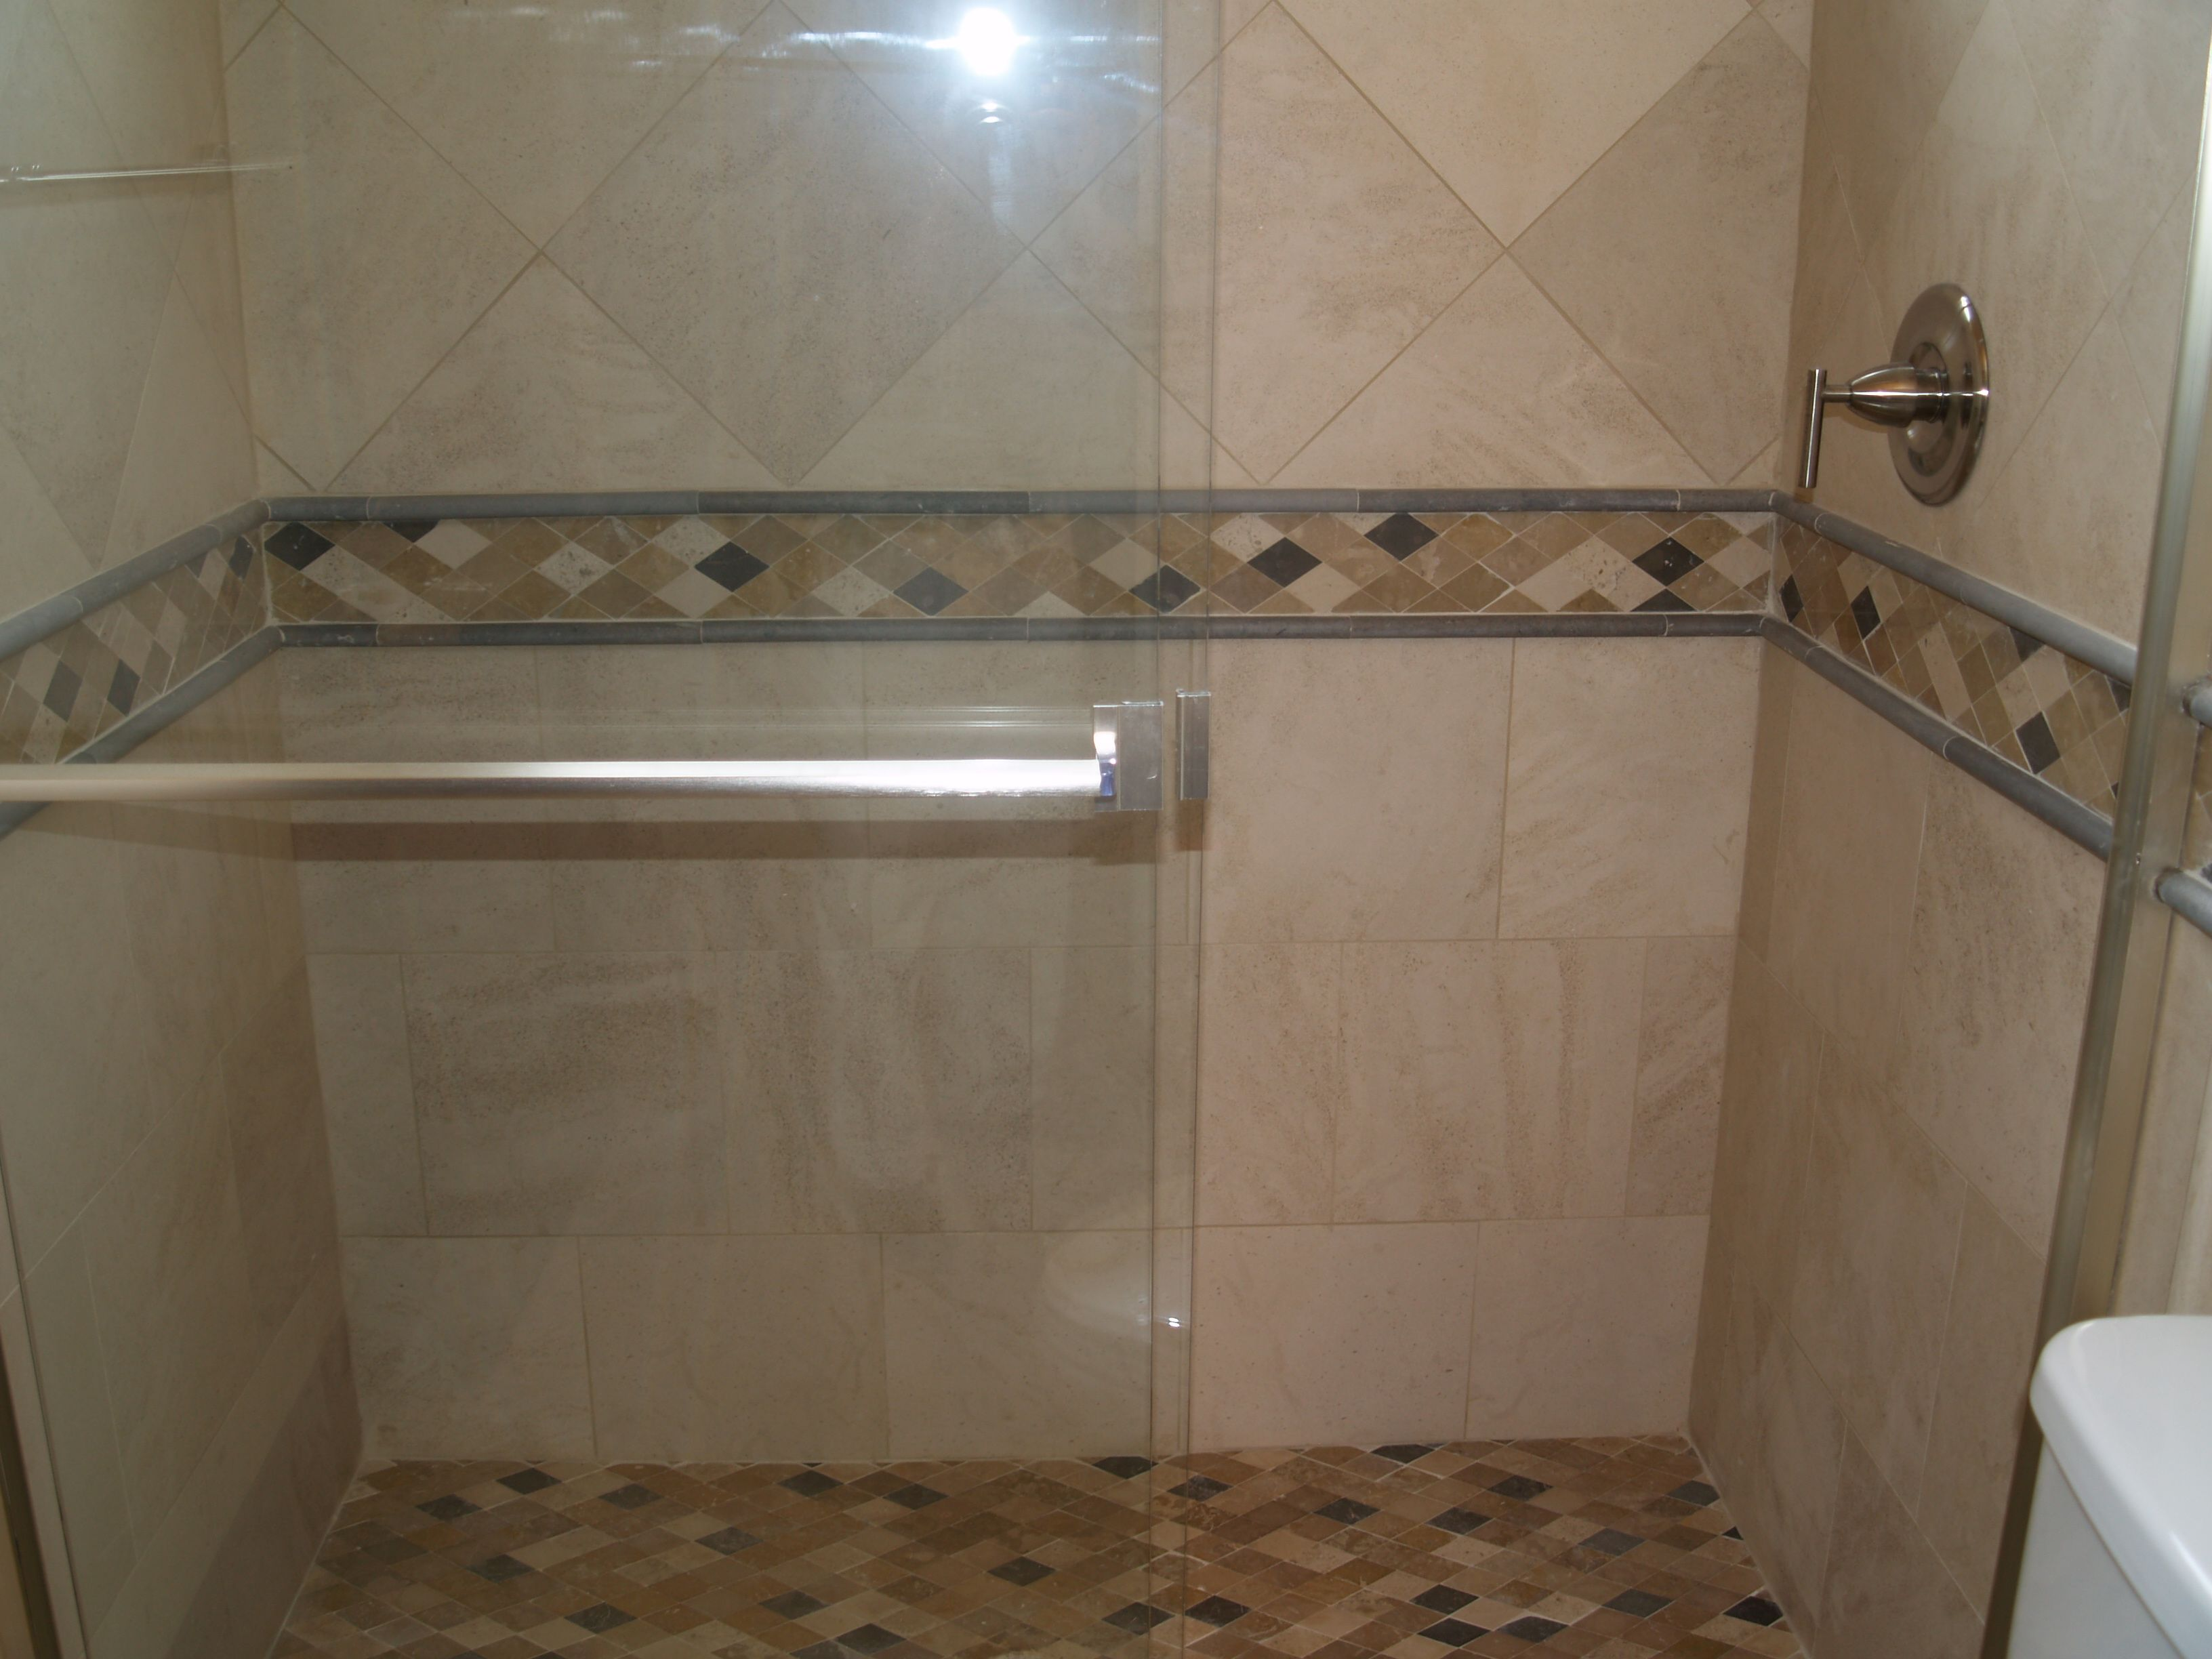 Google Image Result For Httpwwwmarbledesigncenterwp Amazing Bathroom Accent Tile Decorating Design